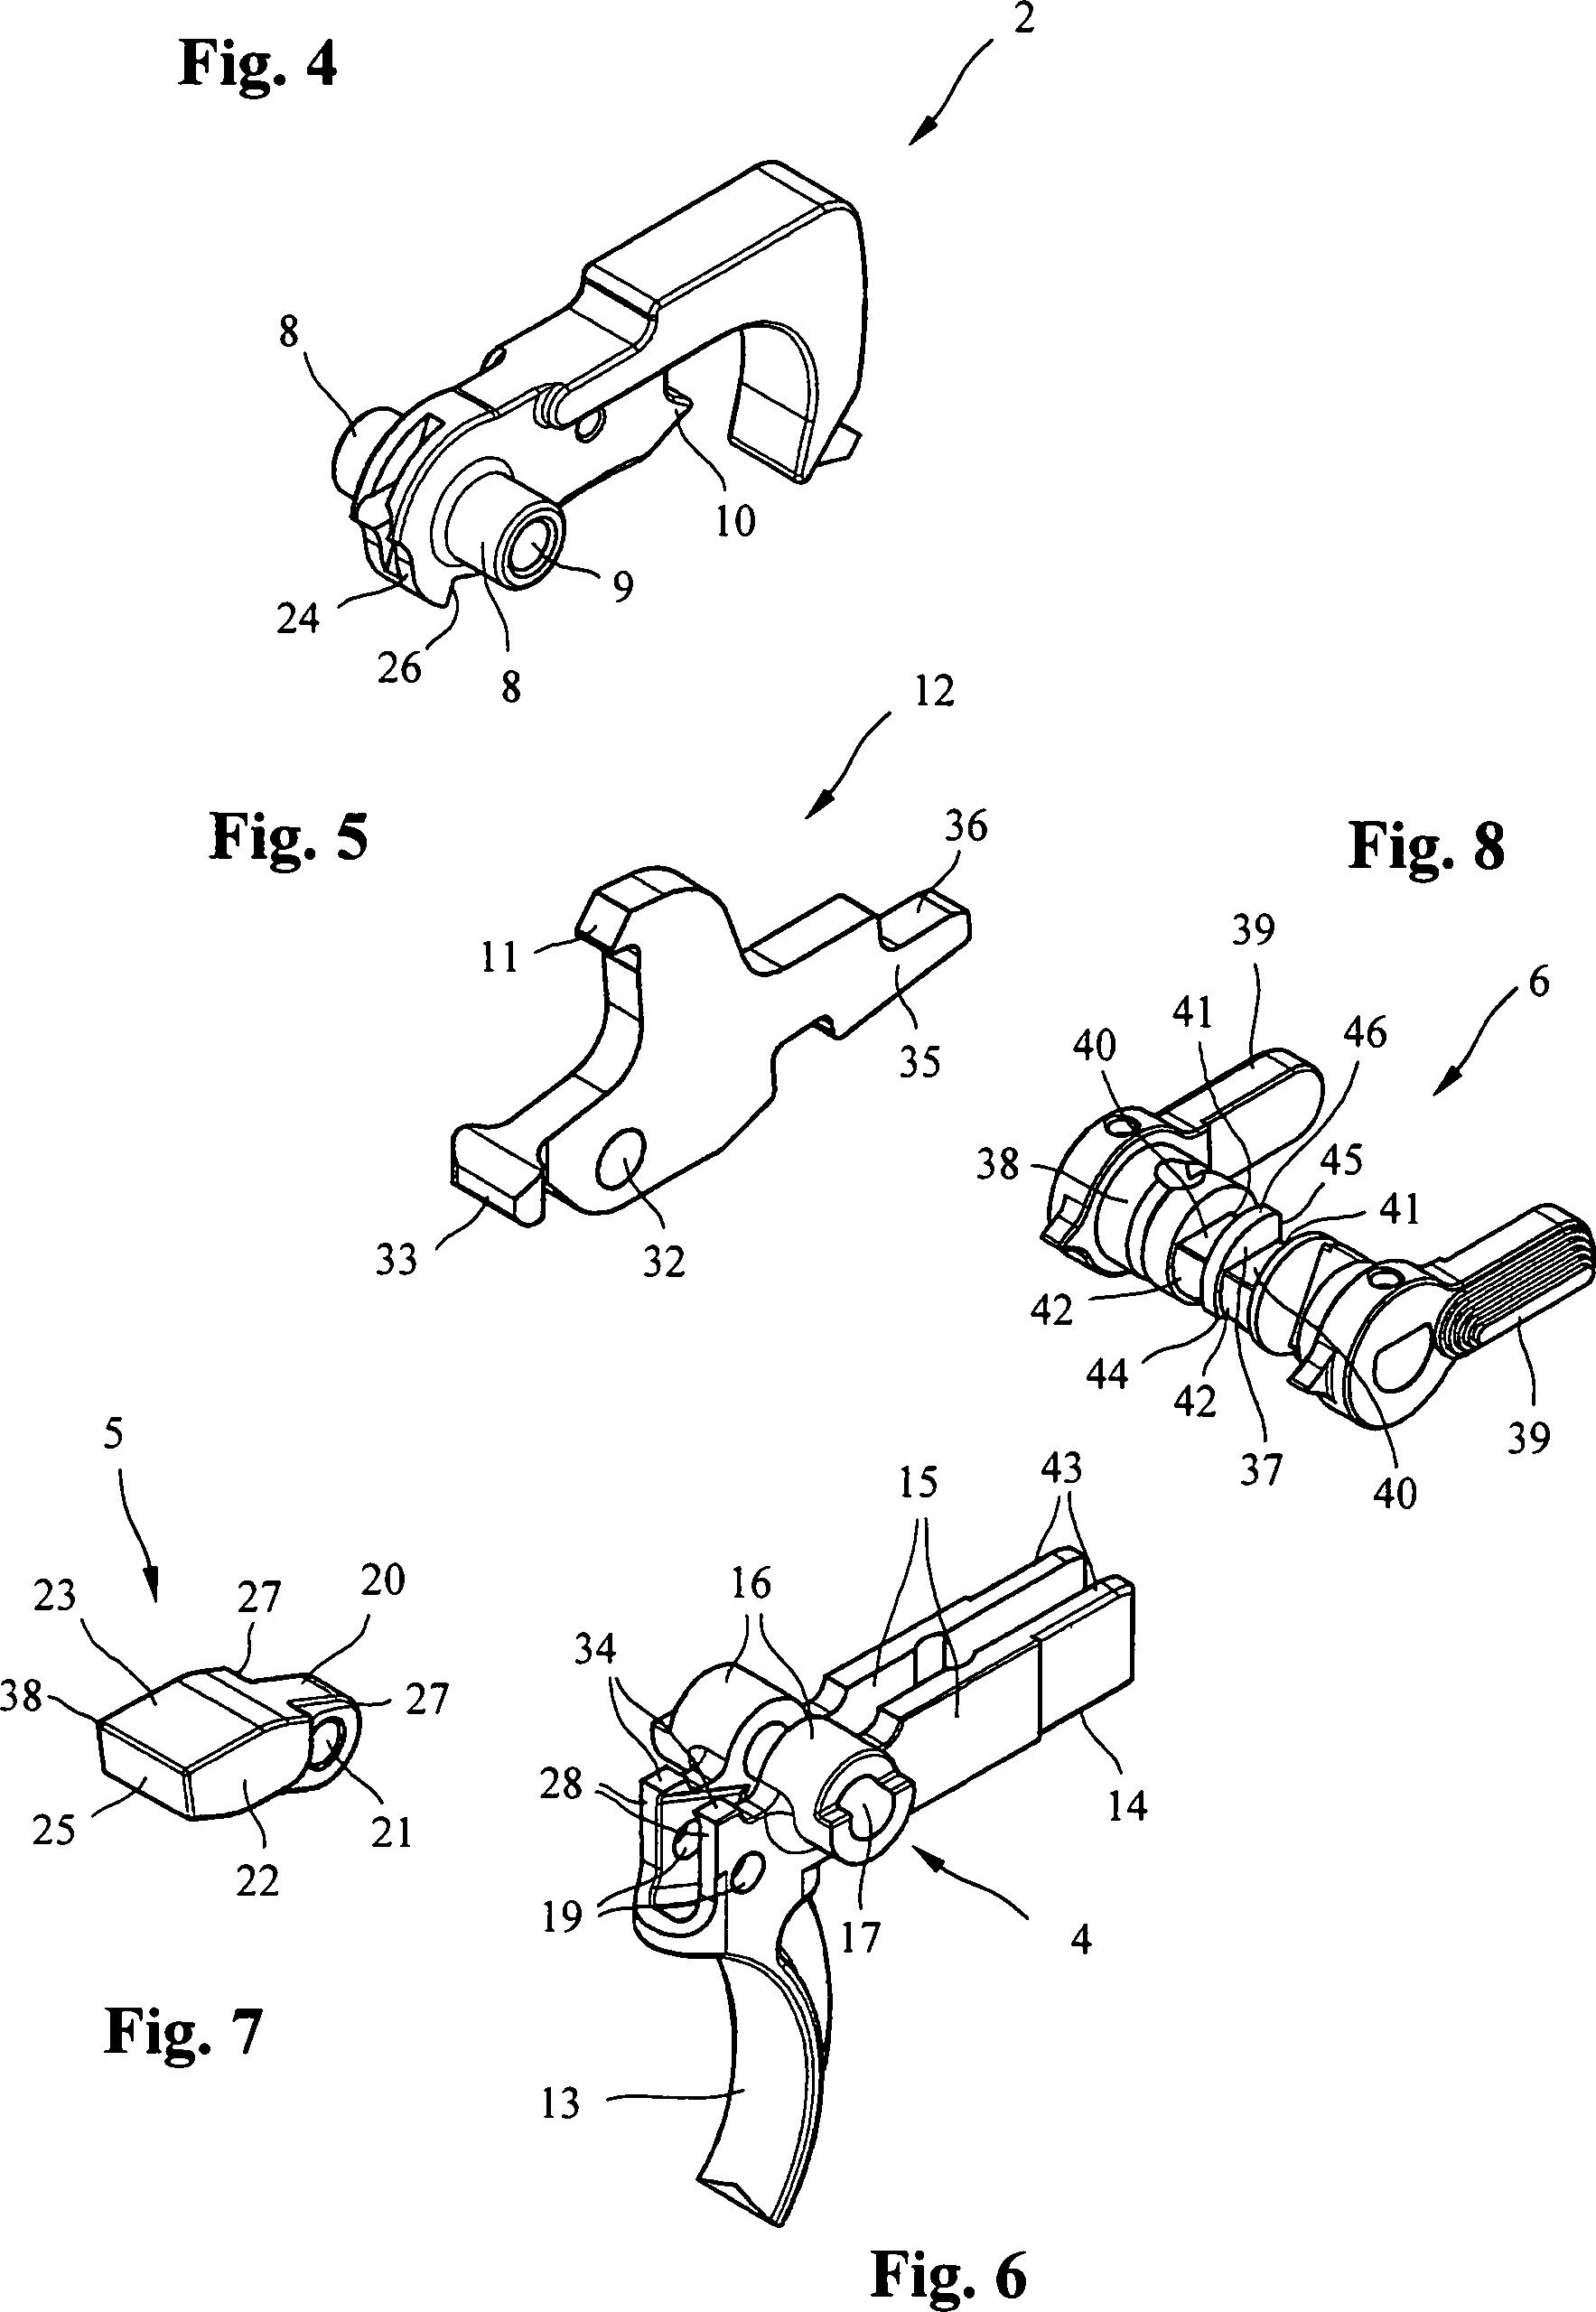 small resolution of de202011004556u1 trigger mechanism for a handgun google patents